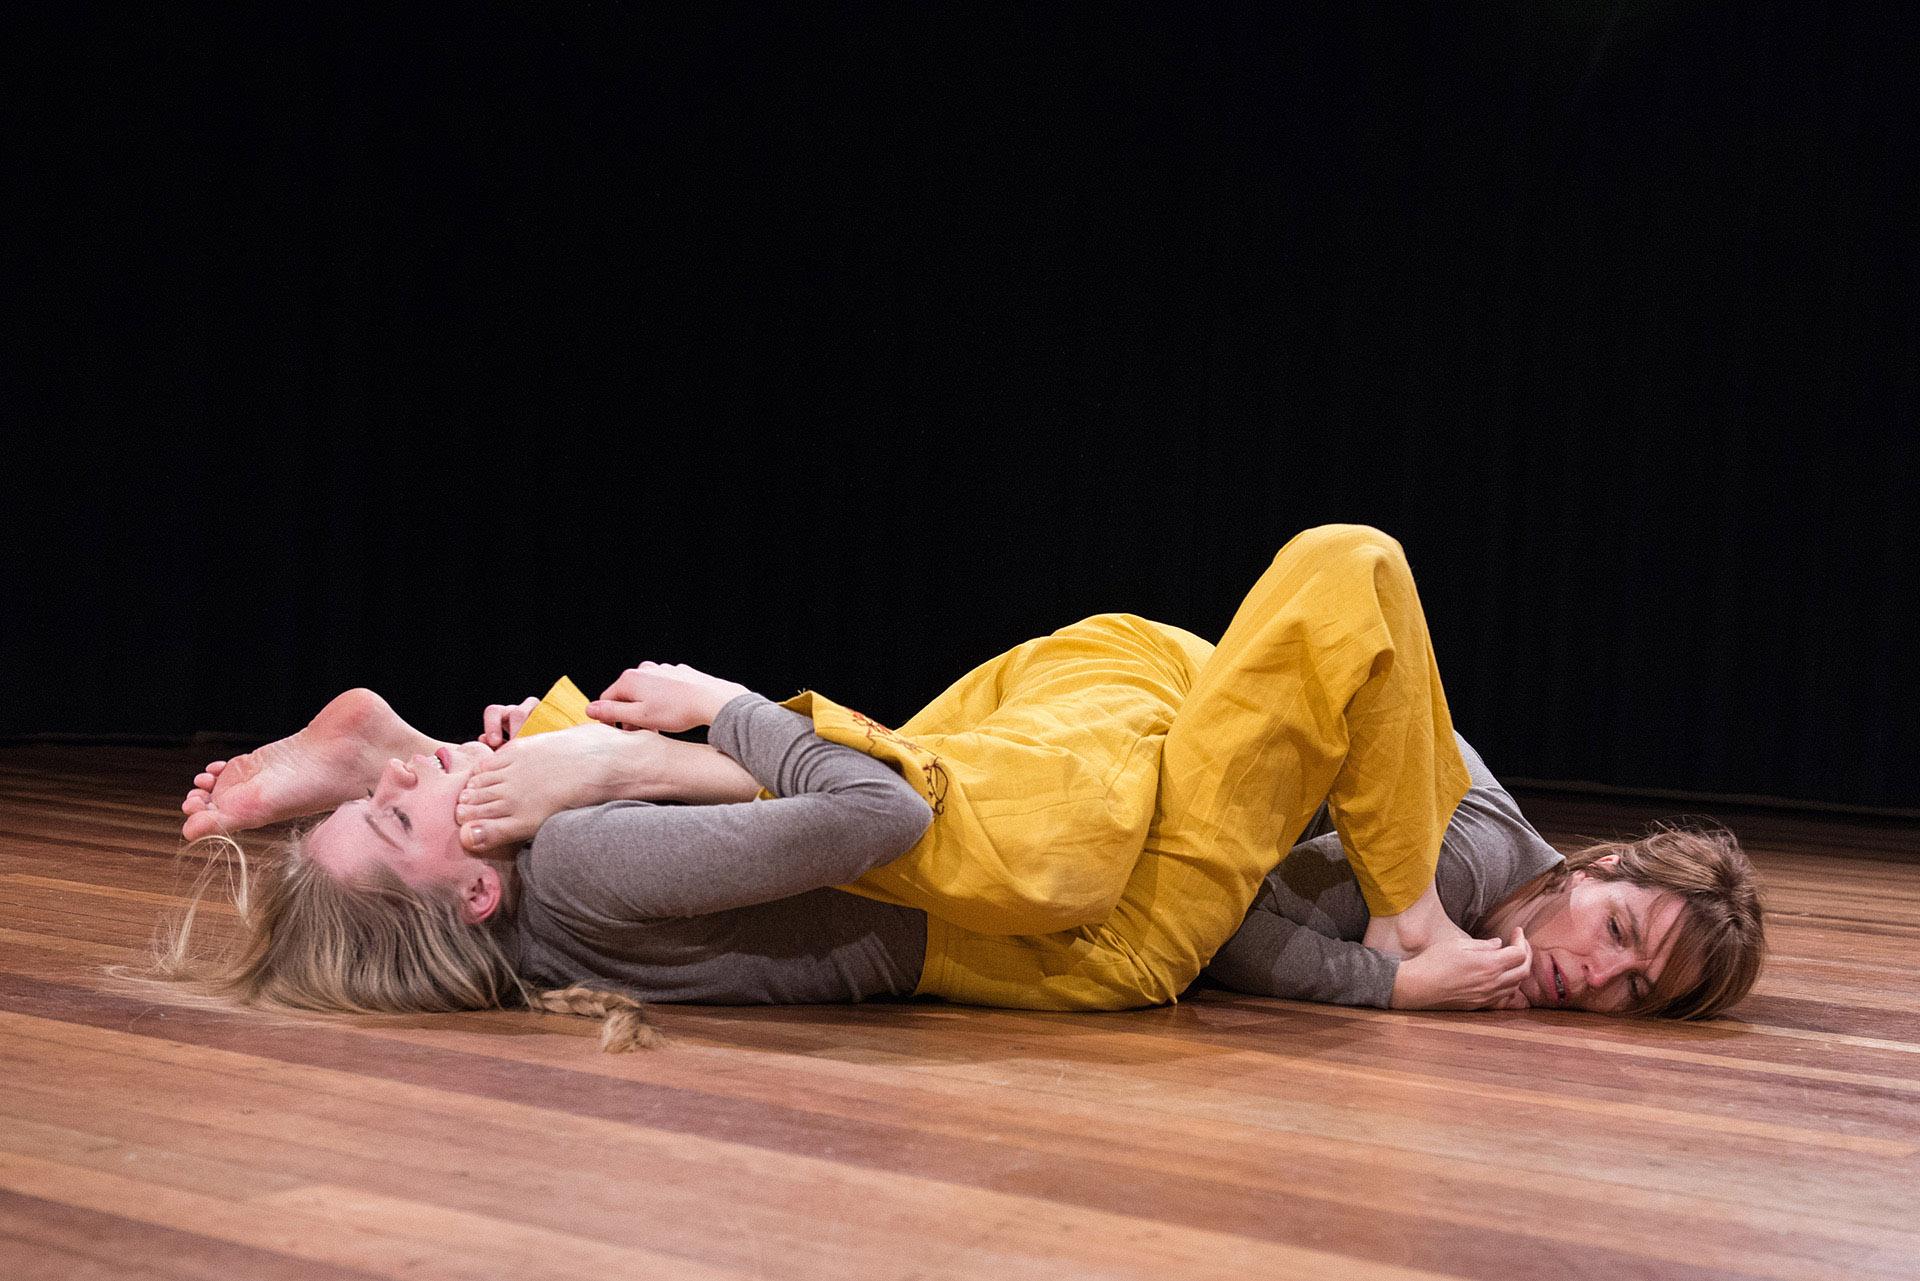 Ruimende Wind | Mees Borgman | de Theaterschool | Robert van der Ree photography | theaterfotografie | theater photography | theatre photography